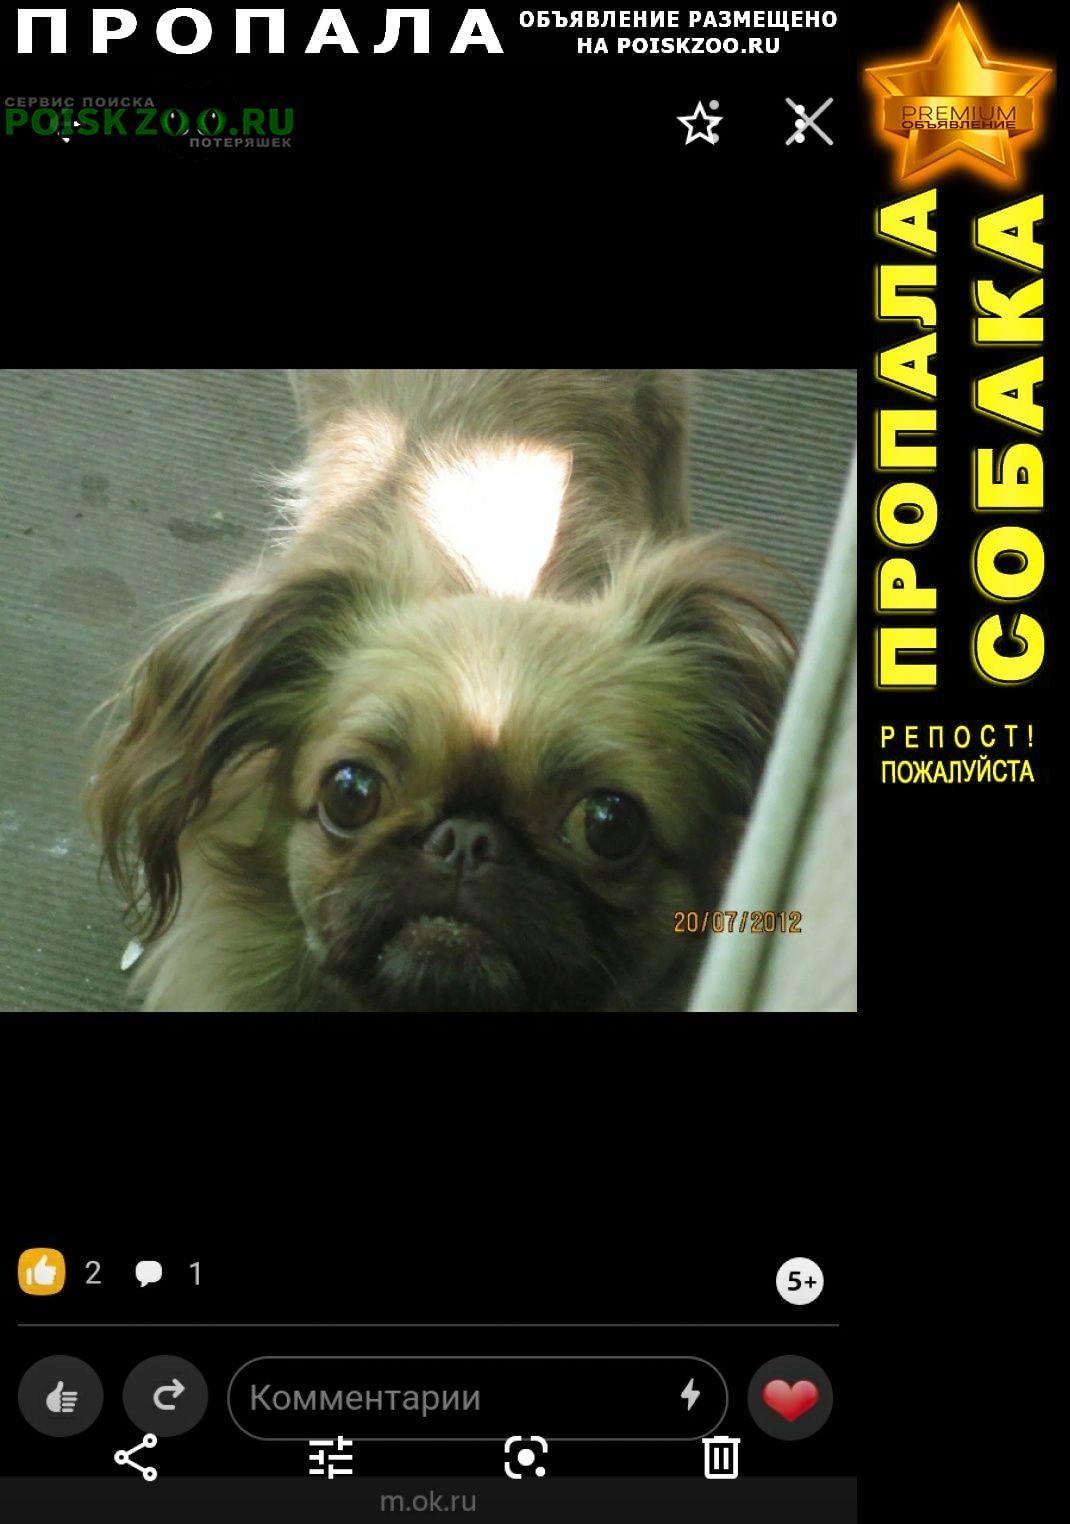 Пропала собака Ростов-на-Дону